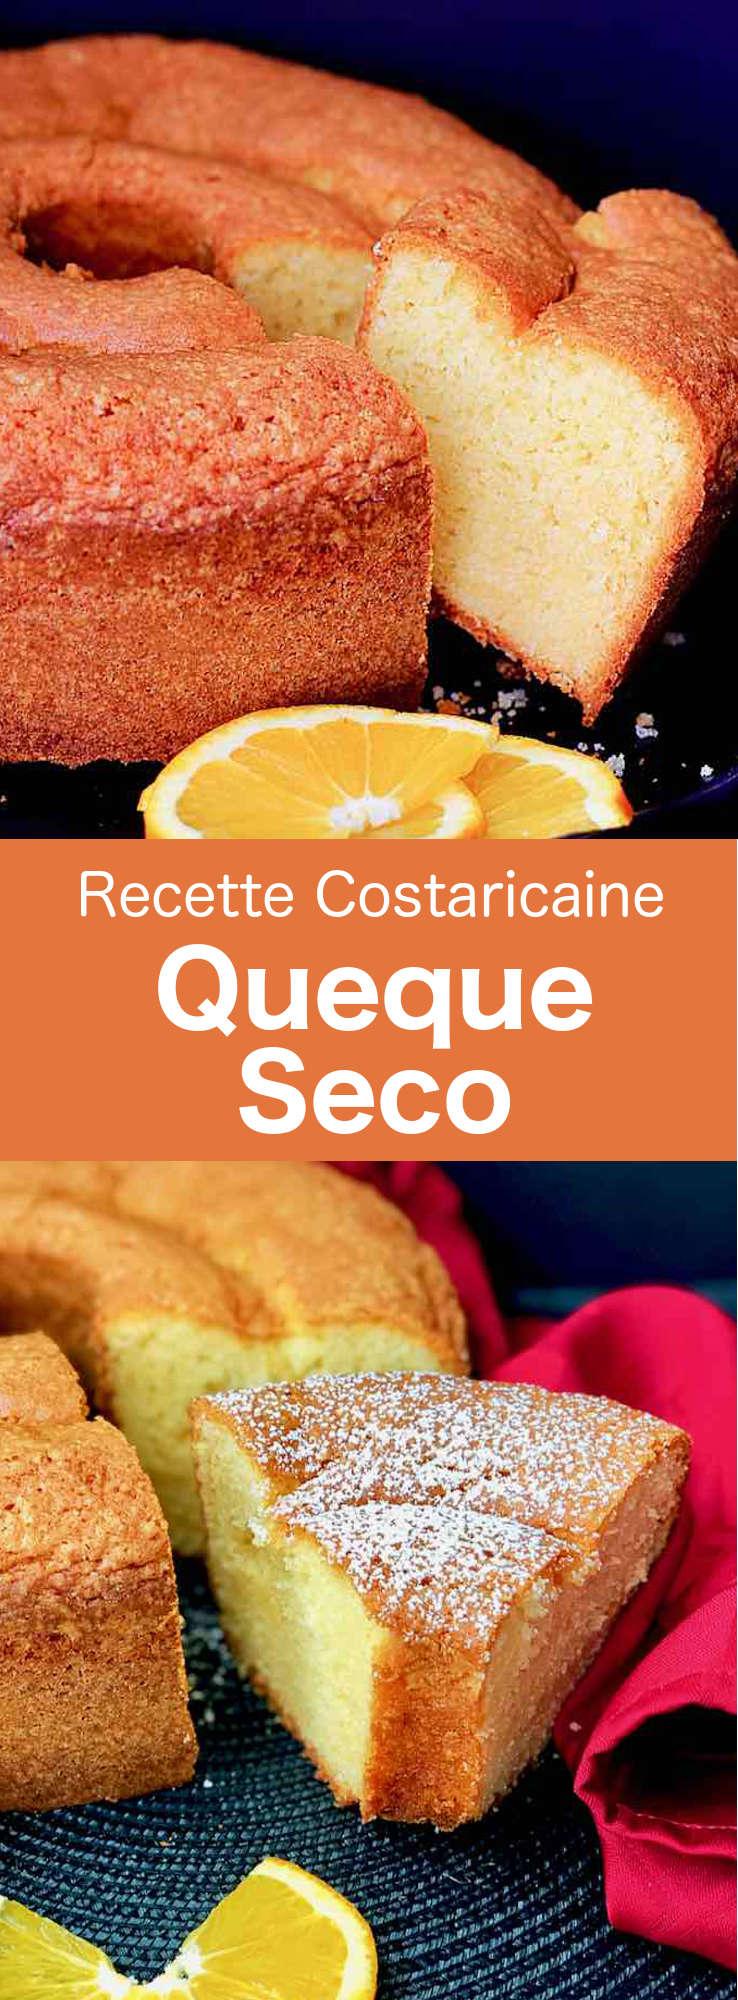 Le queque seco est un gâteau moelleux au beurre, parfumé à l'orange populaire au Costa Rica et également dans de nombreux pays d'Amérique latine. #CostaRica #RecetteCostaricaine #CuisineCostaRicaine #CuisineDuMonde #196flavors